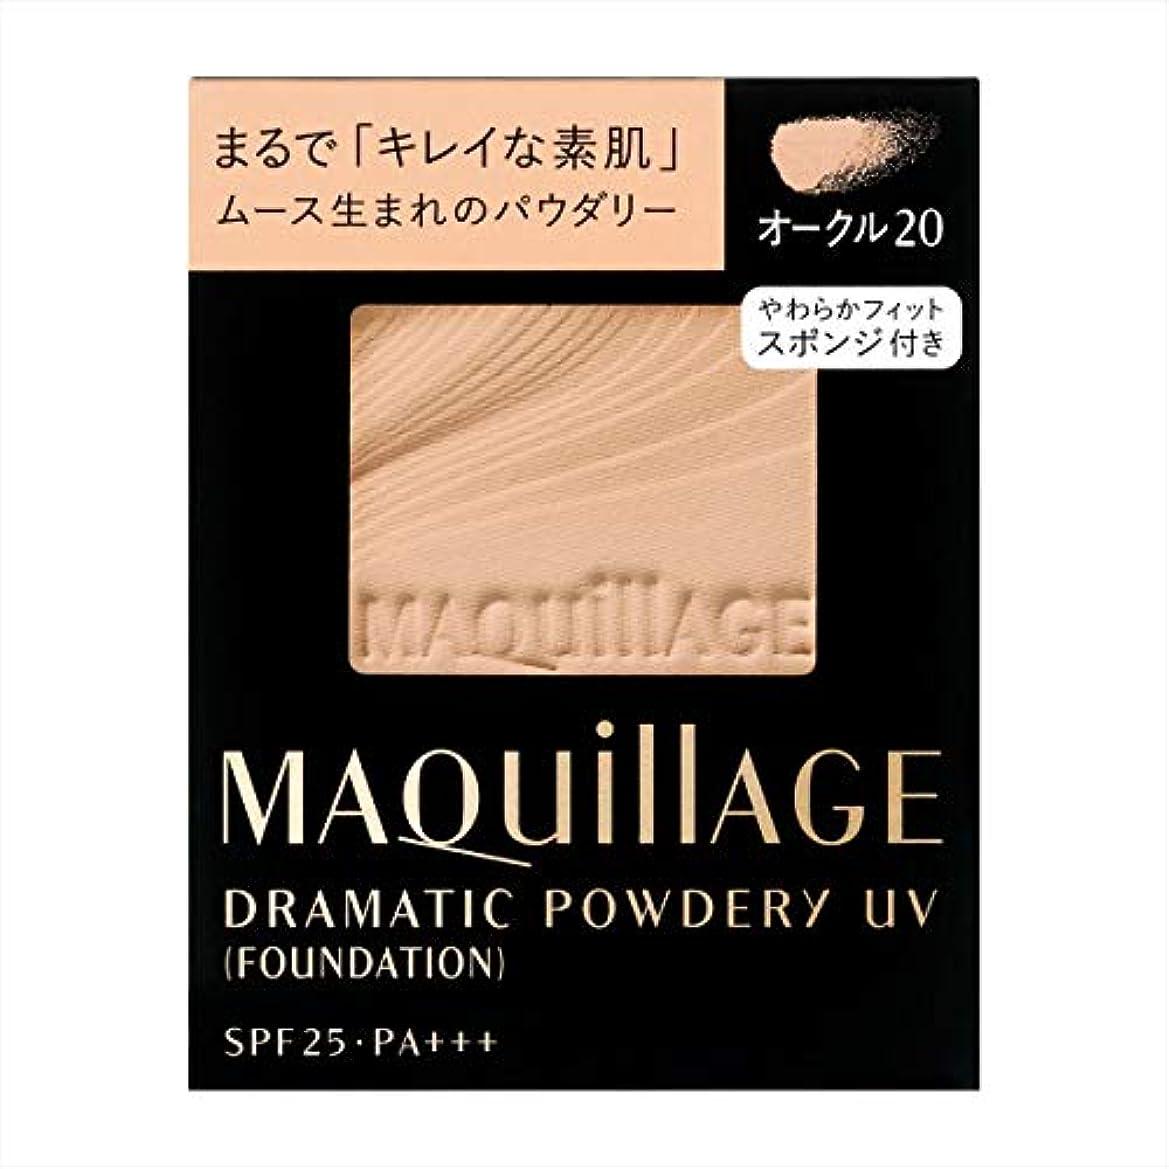 マーカー芽優勢資生堂 マキアージュ ドラマティックパウダリー UV (レフィル) オークル20